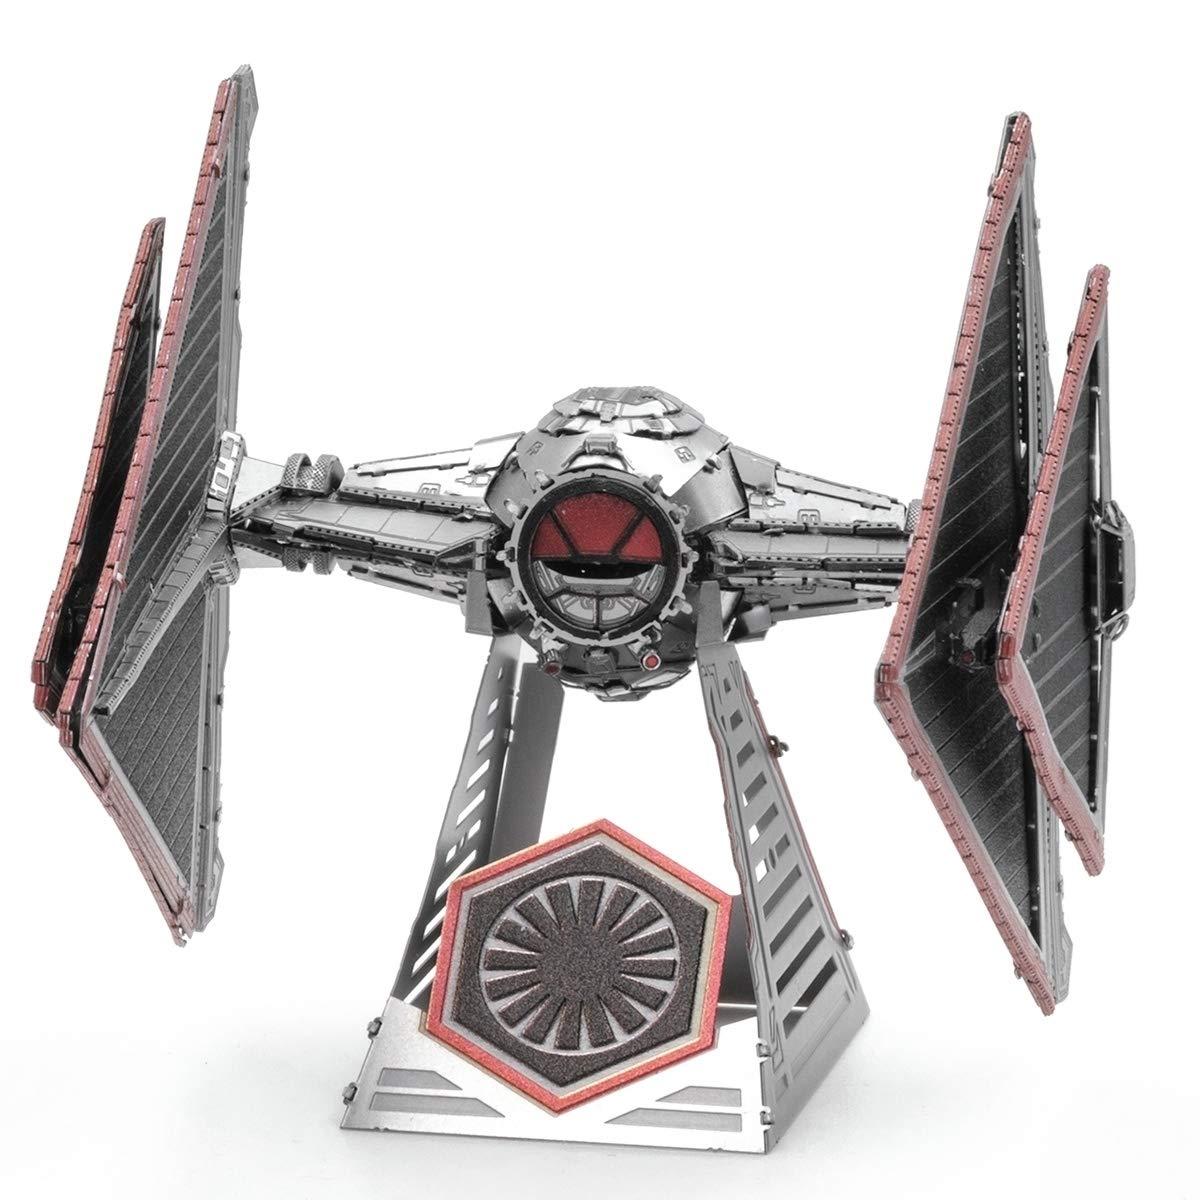 Fascinations Metal Earth Star Wars Rise of Skywalker Sith Tie Fighter 3D Metal Model Kit